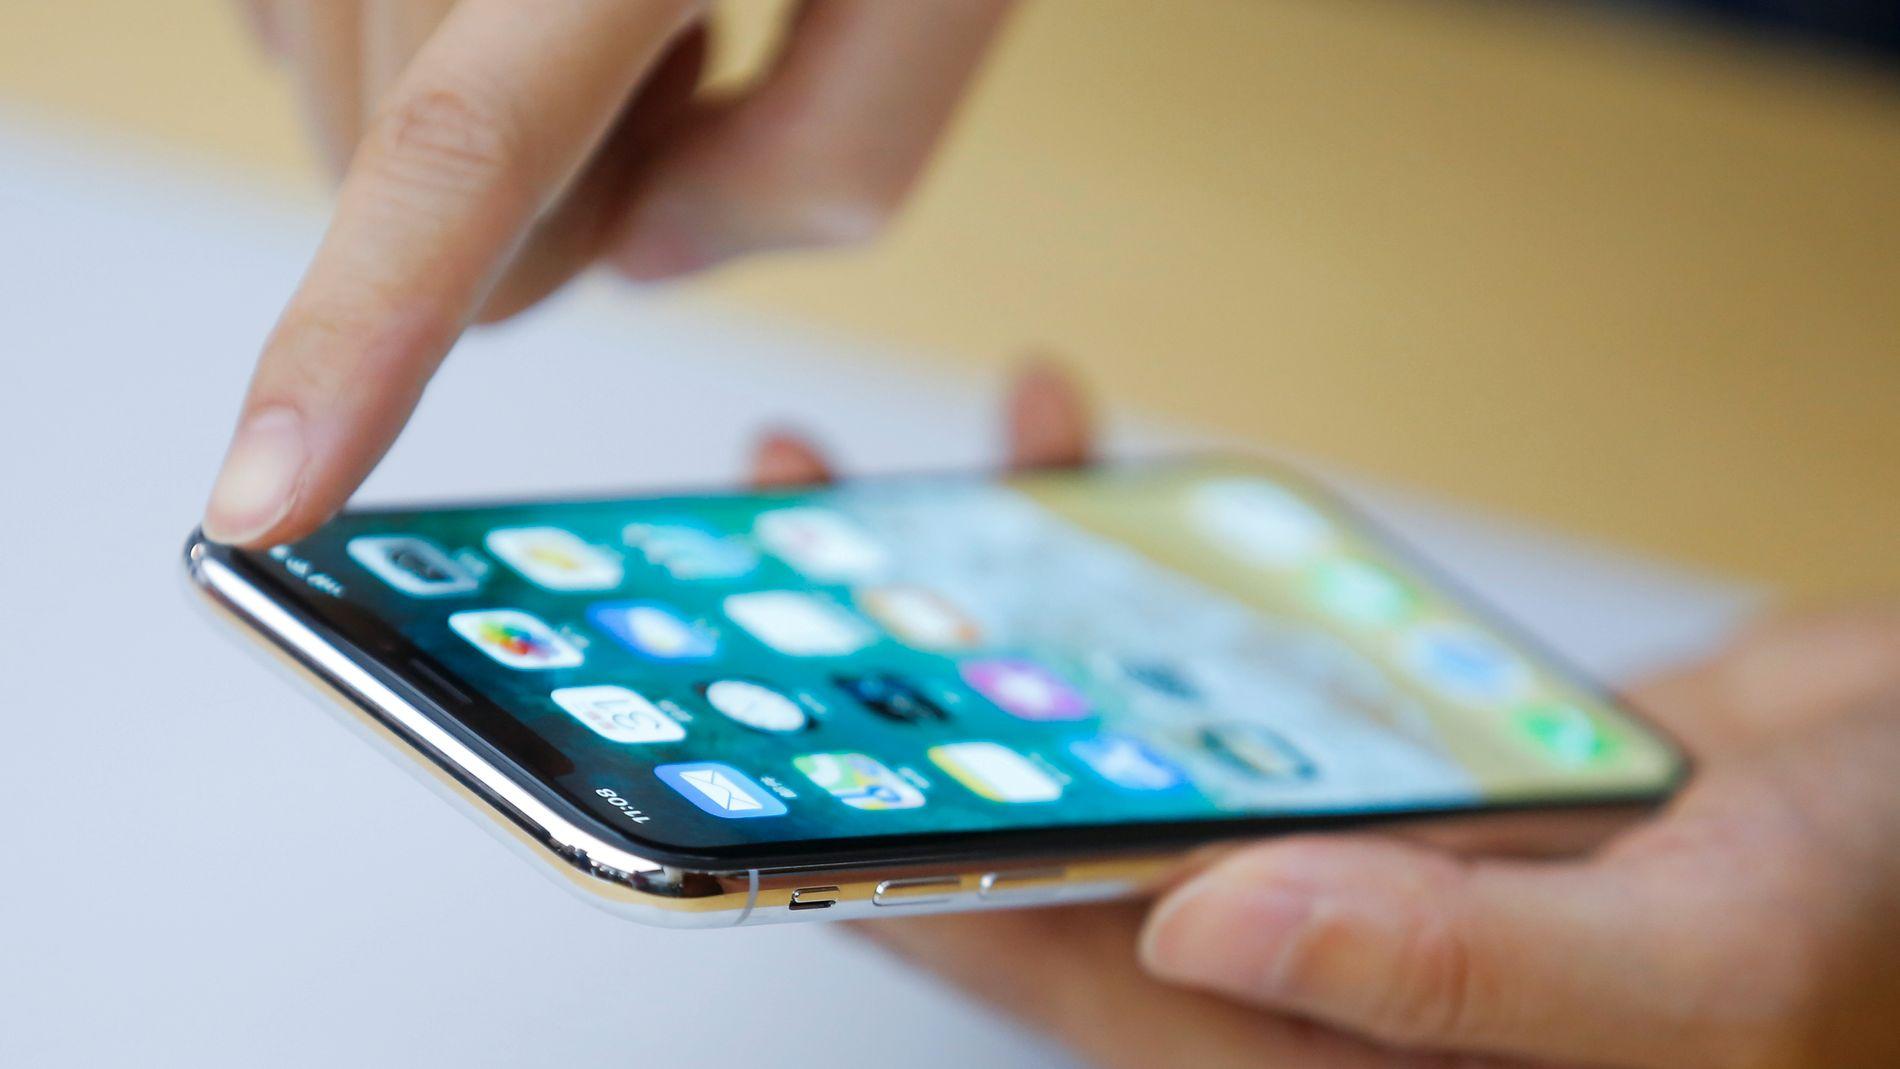 TREGERE: Har Apple gjort gamle iPhoner tregere med vilje, slik at kunder skal kjøpe nye og dyrere telefoner? Det skal franske myndigheter nå undersøke.